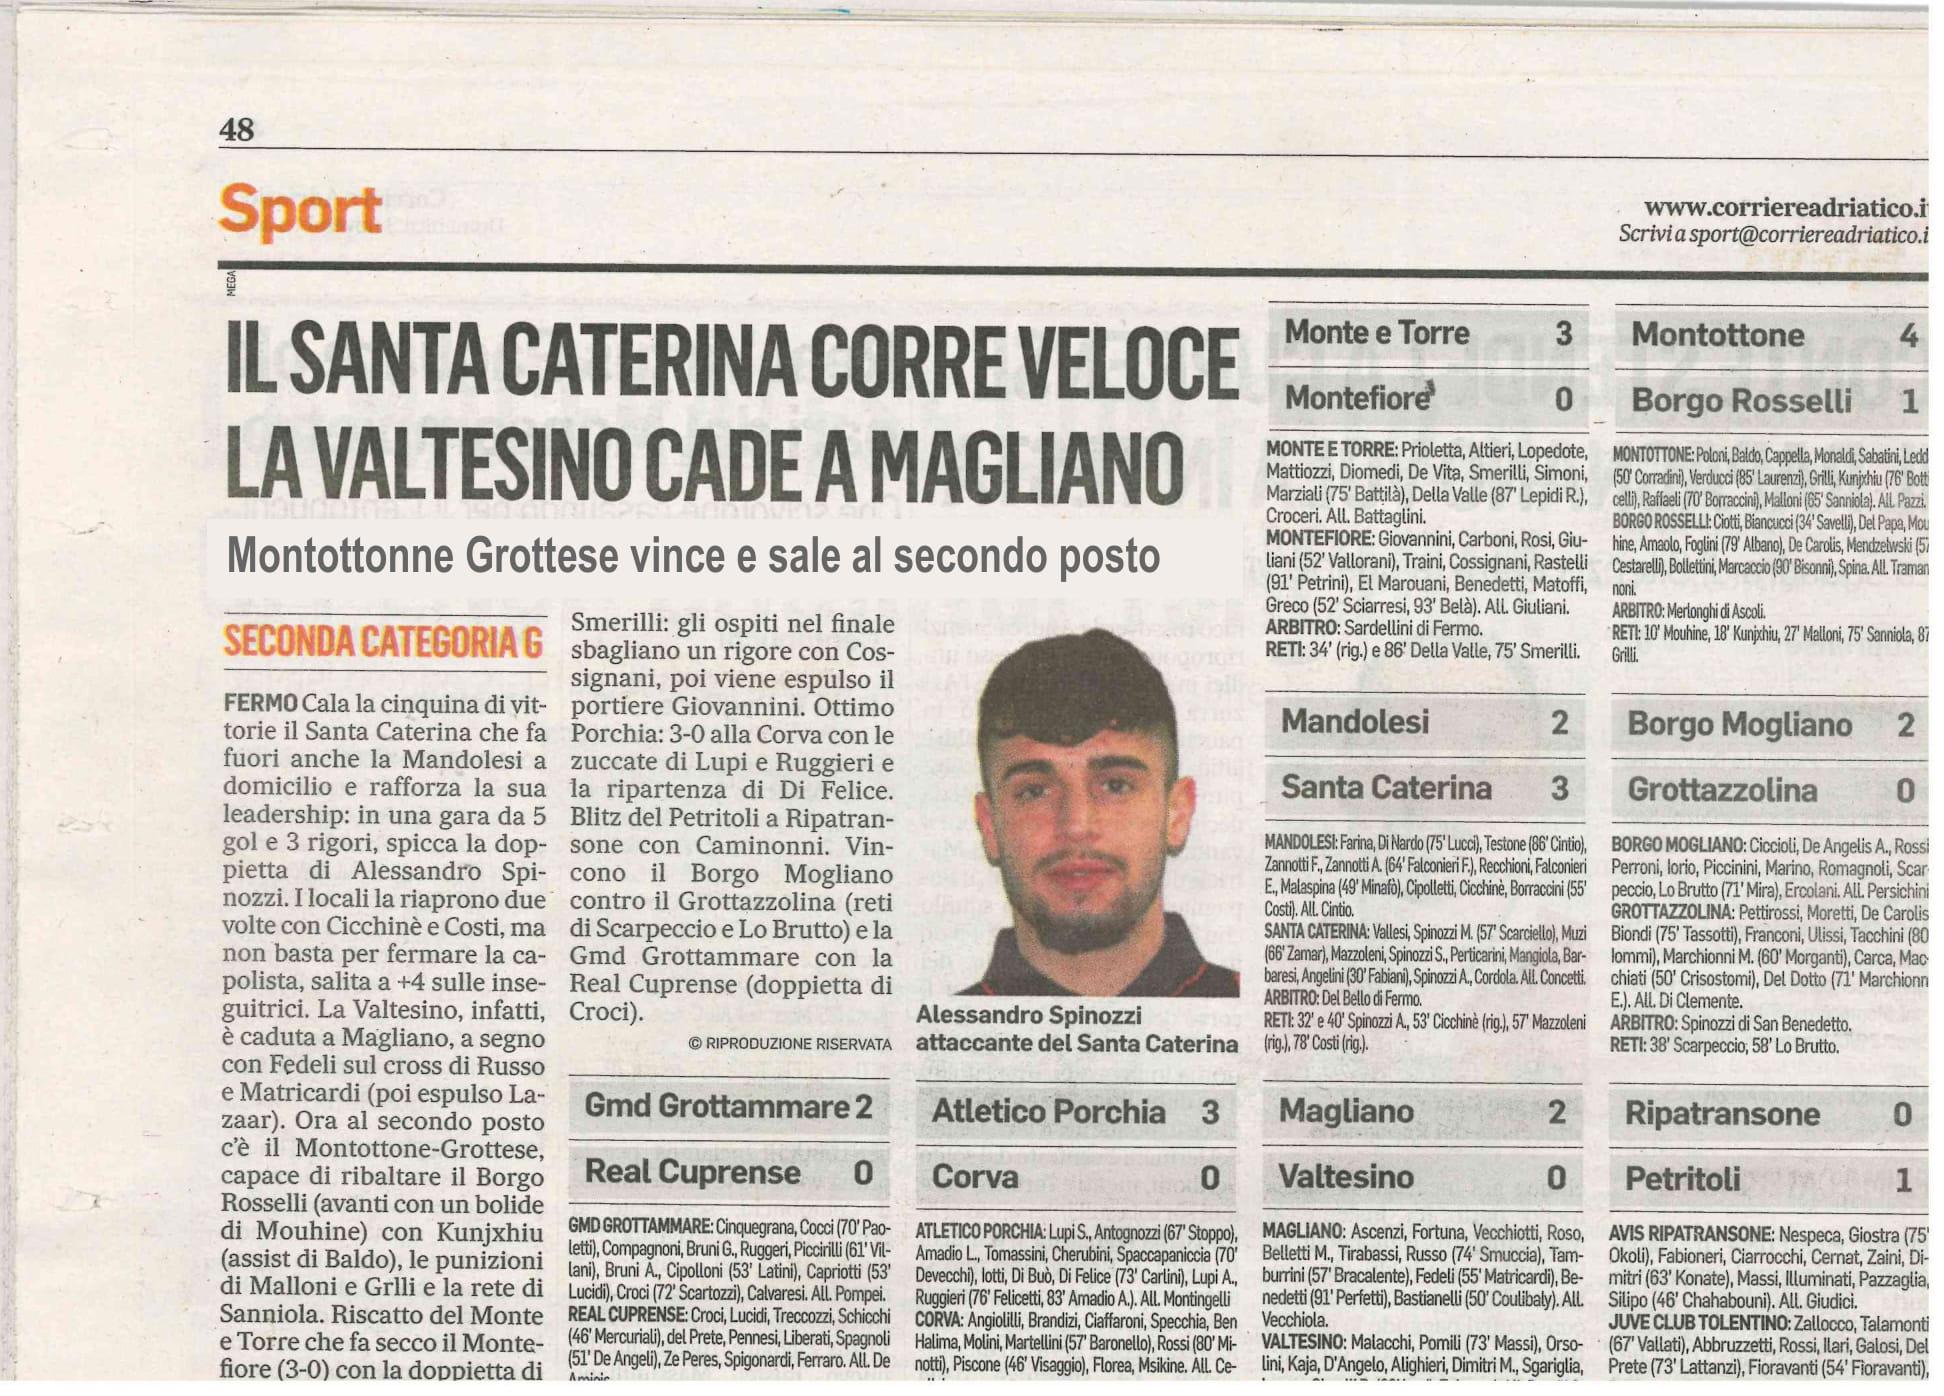 articolo-corriere-adriatico-1.jpg